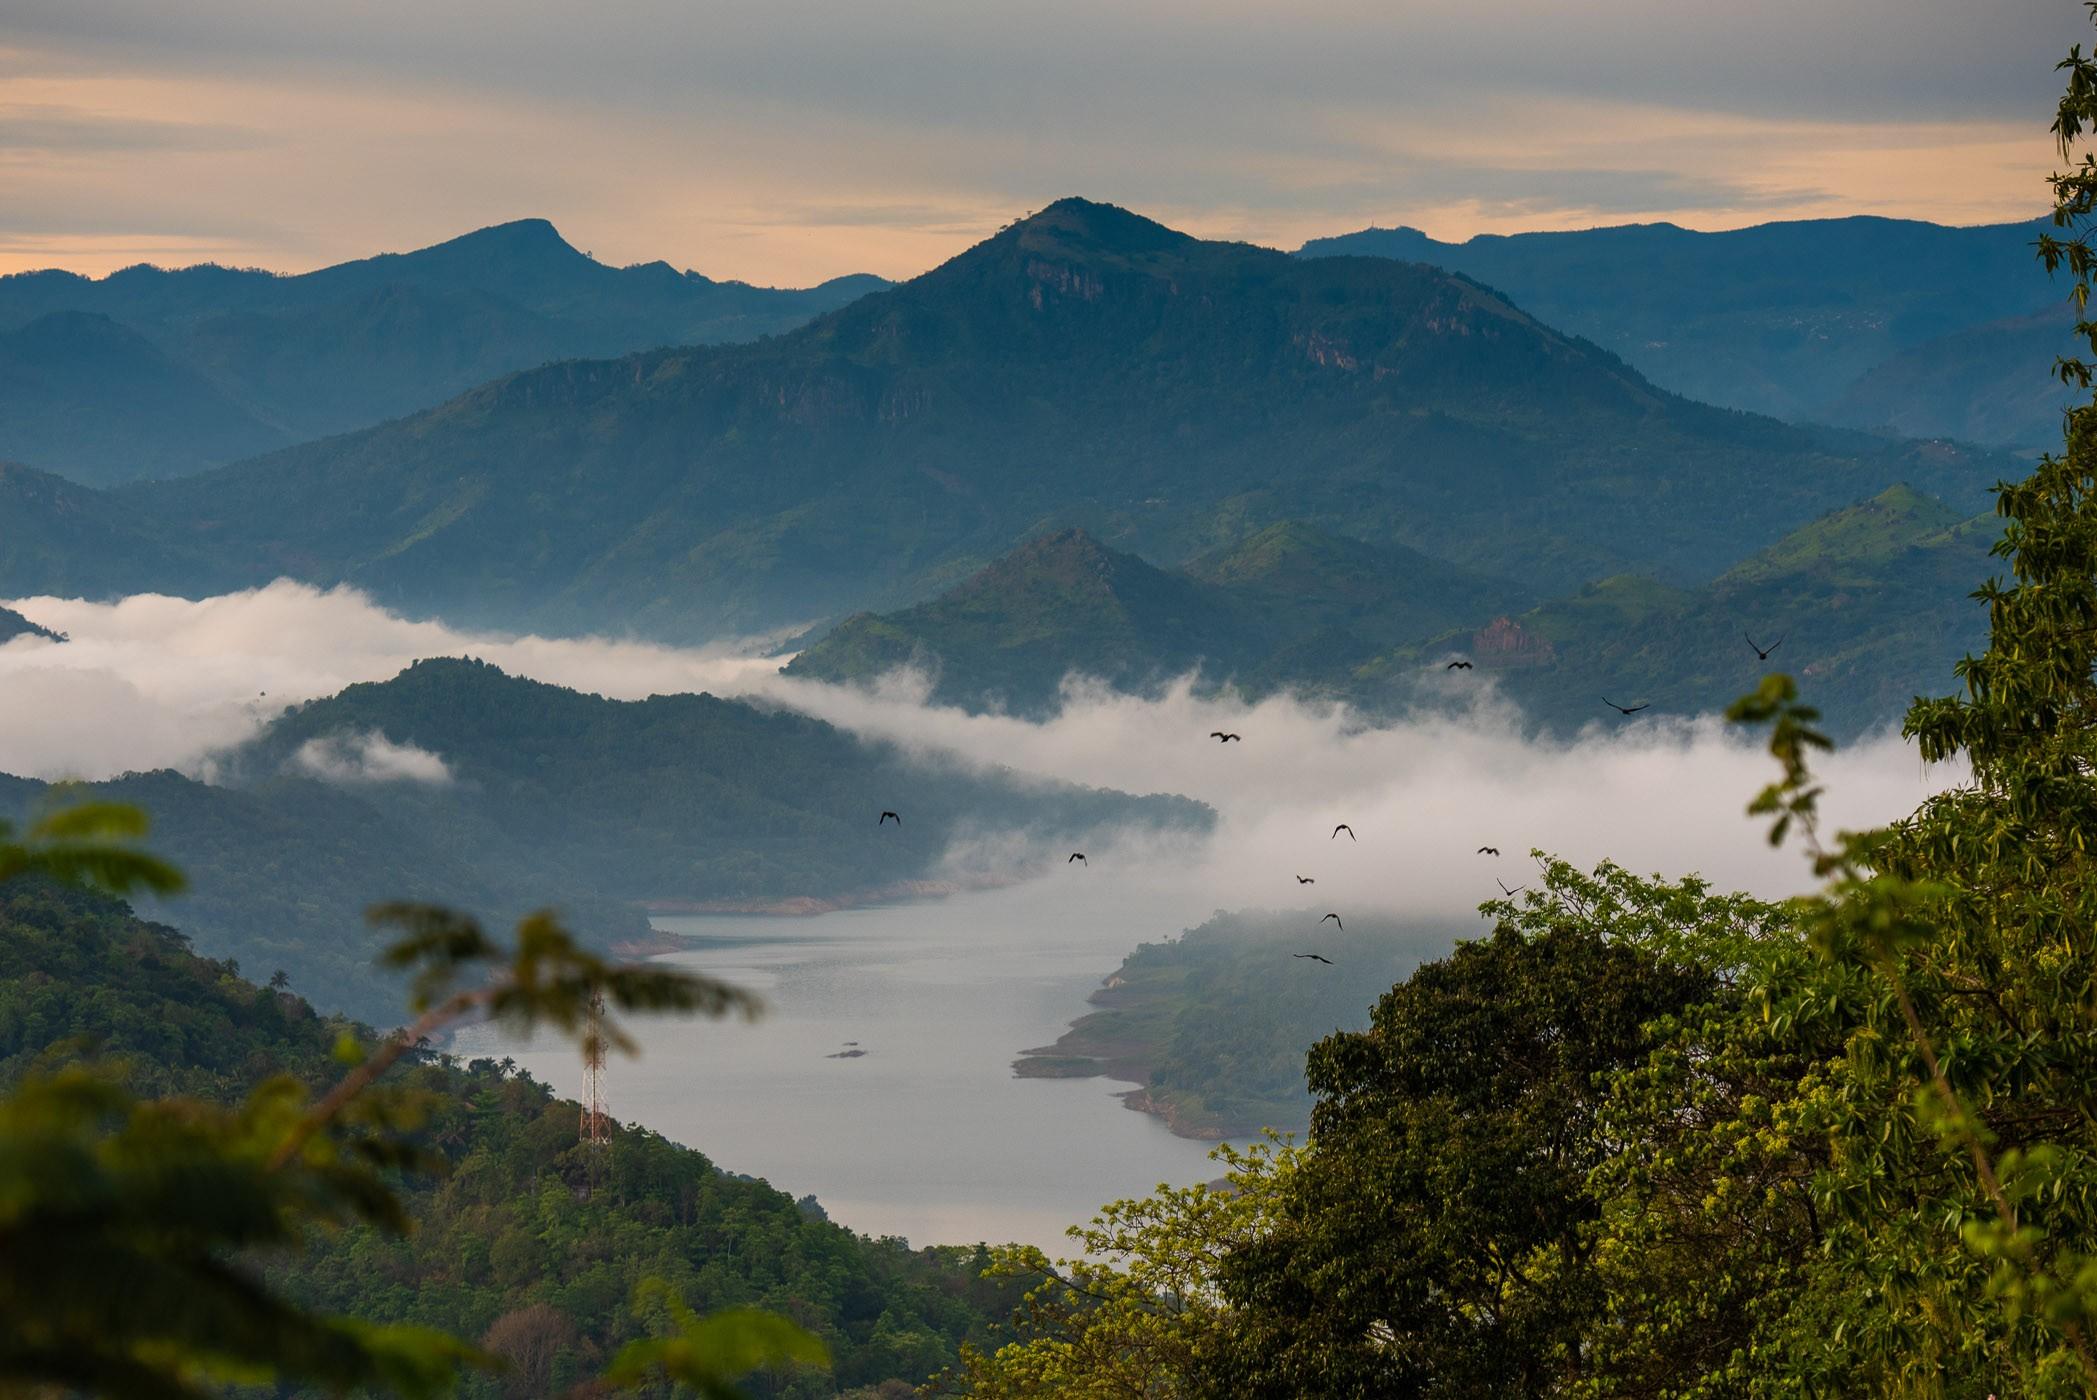 Vanaf deze bergtop in Knuckles Mountain Range in Sri Lanka hadden we een mooi uitzicht op het stuwmeer.